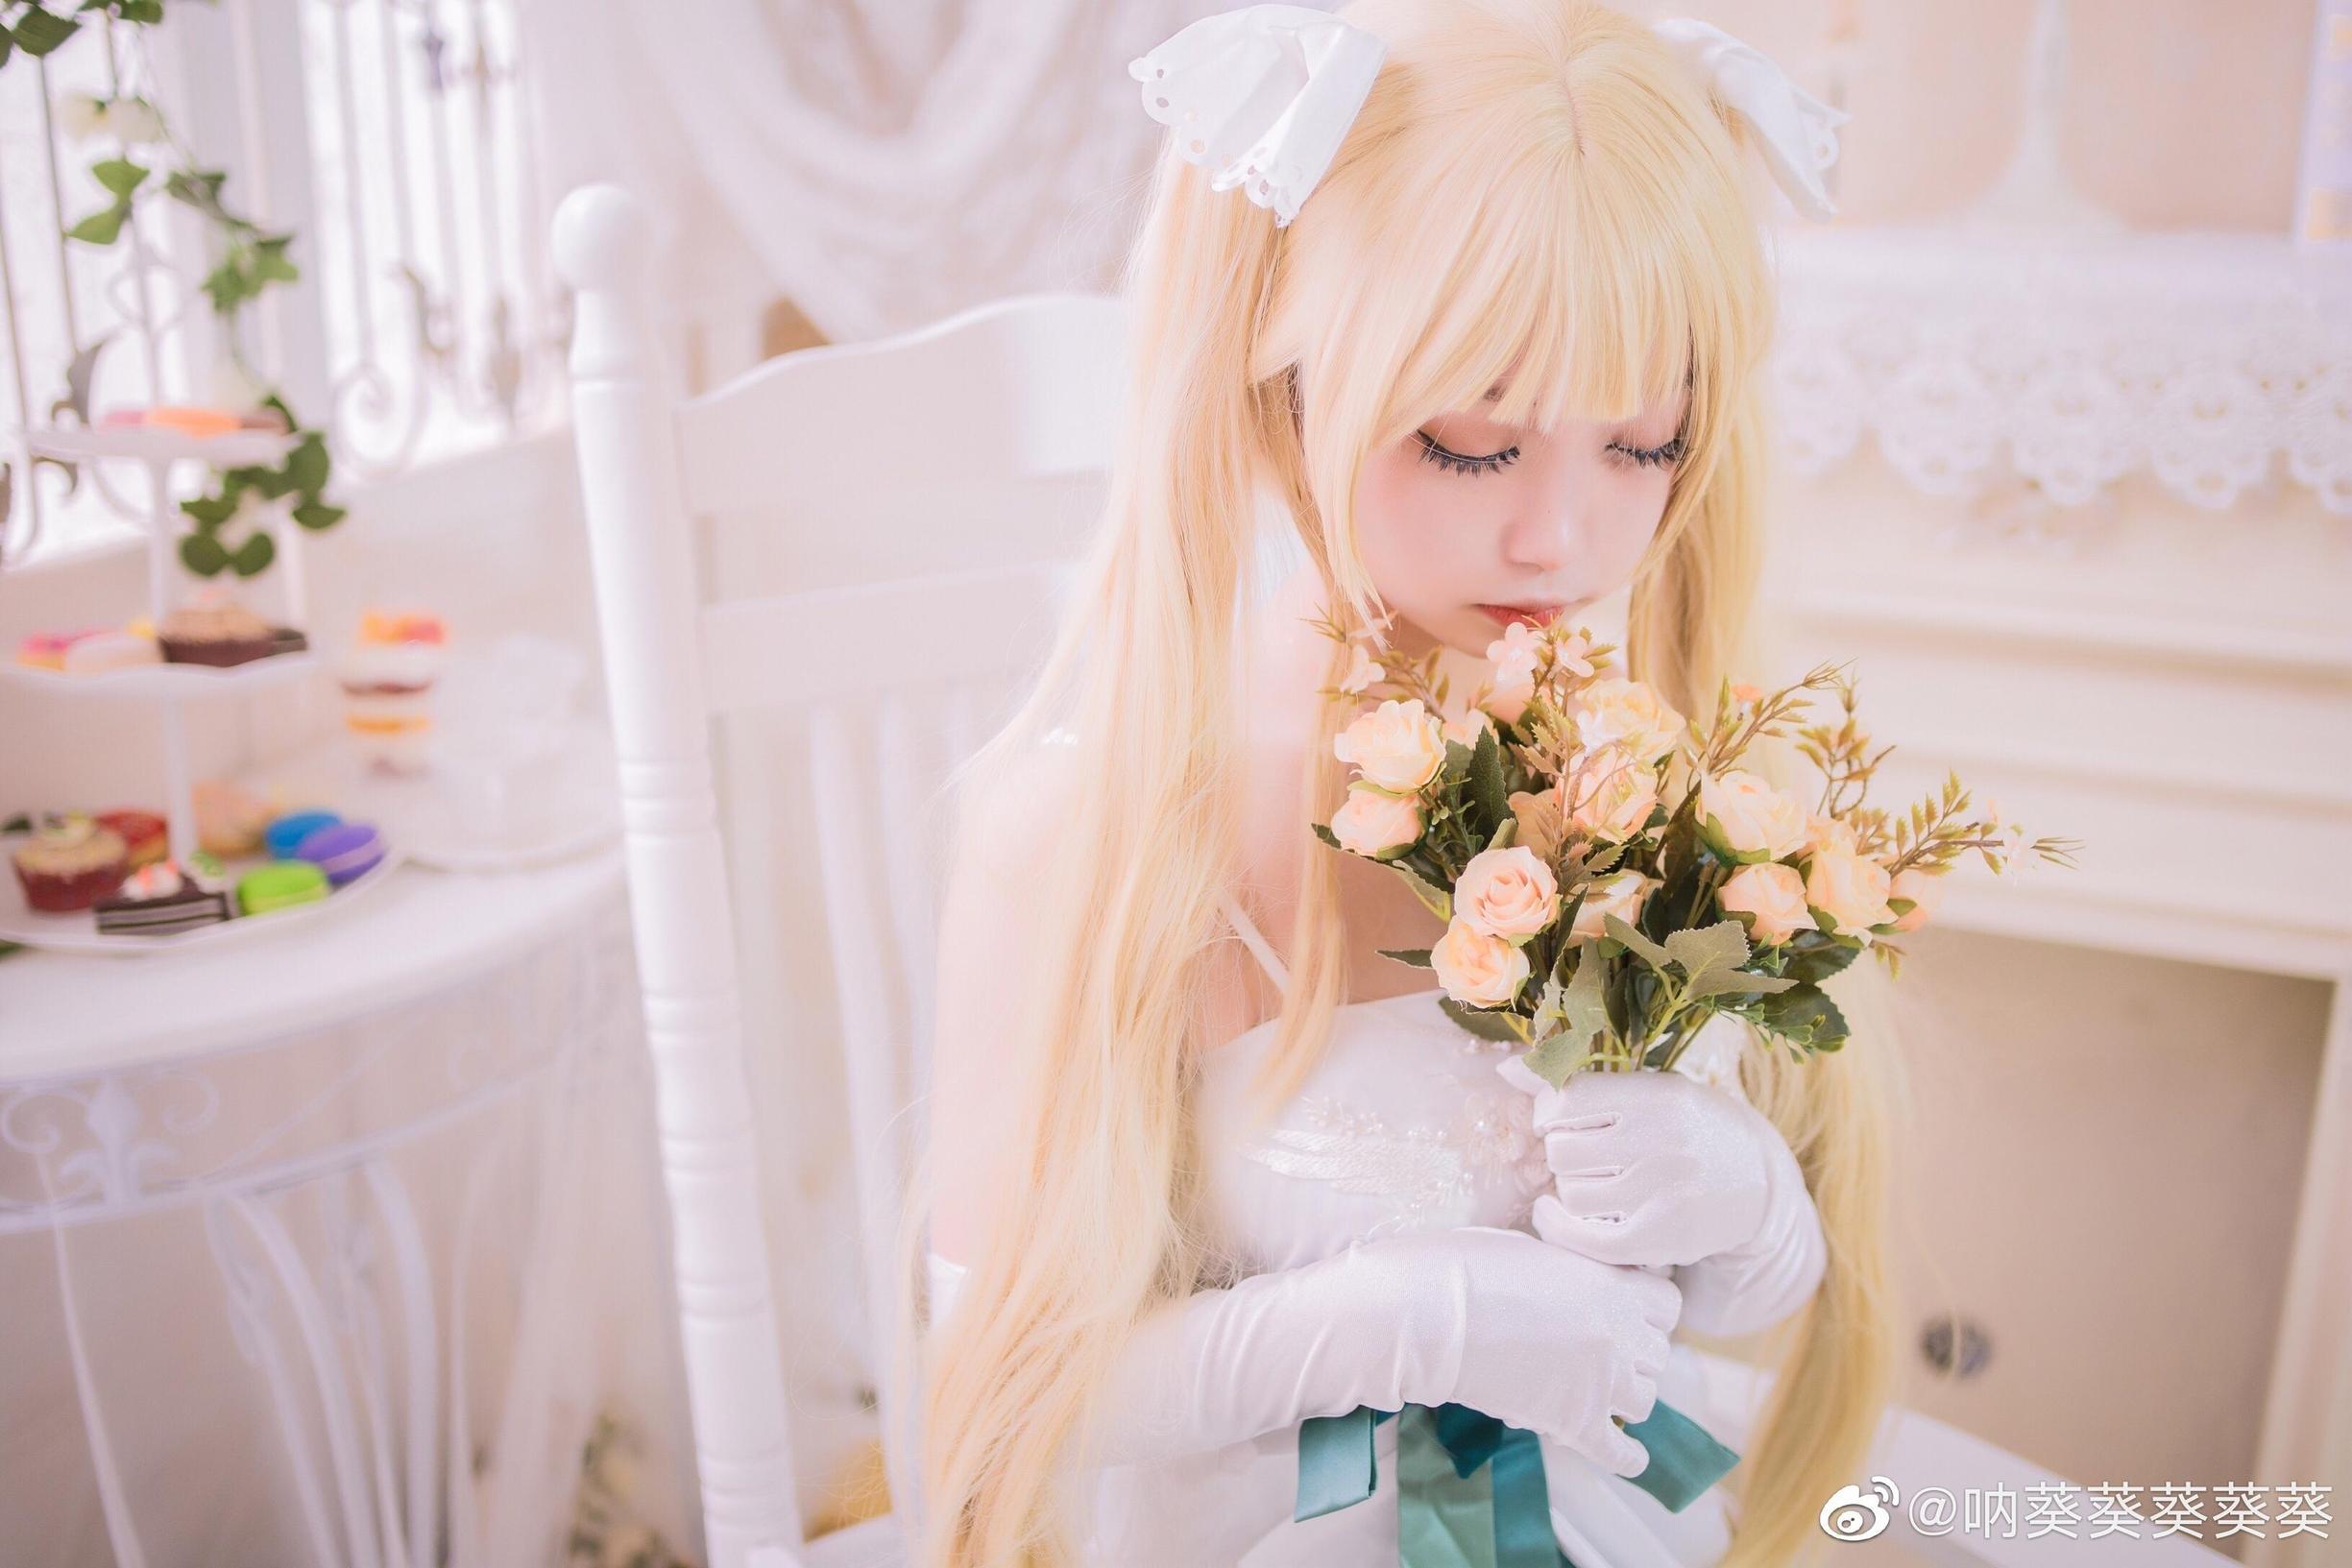 《路人女主的养成方法》正片cosplay【CN:超高校肥宅】-第9张